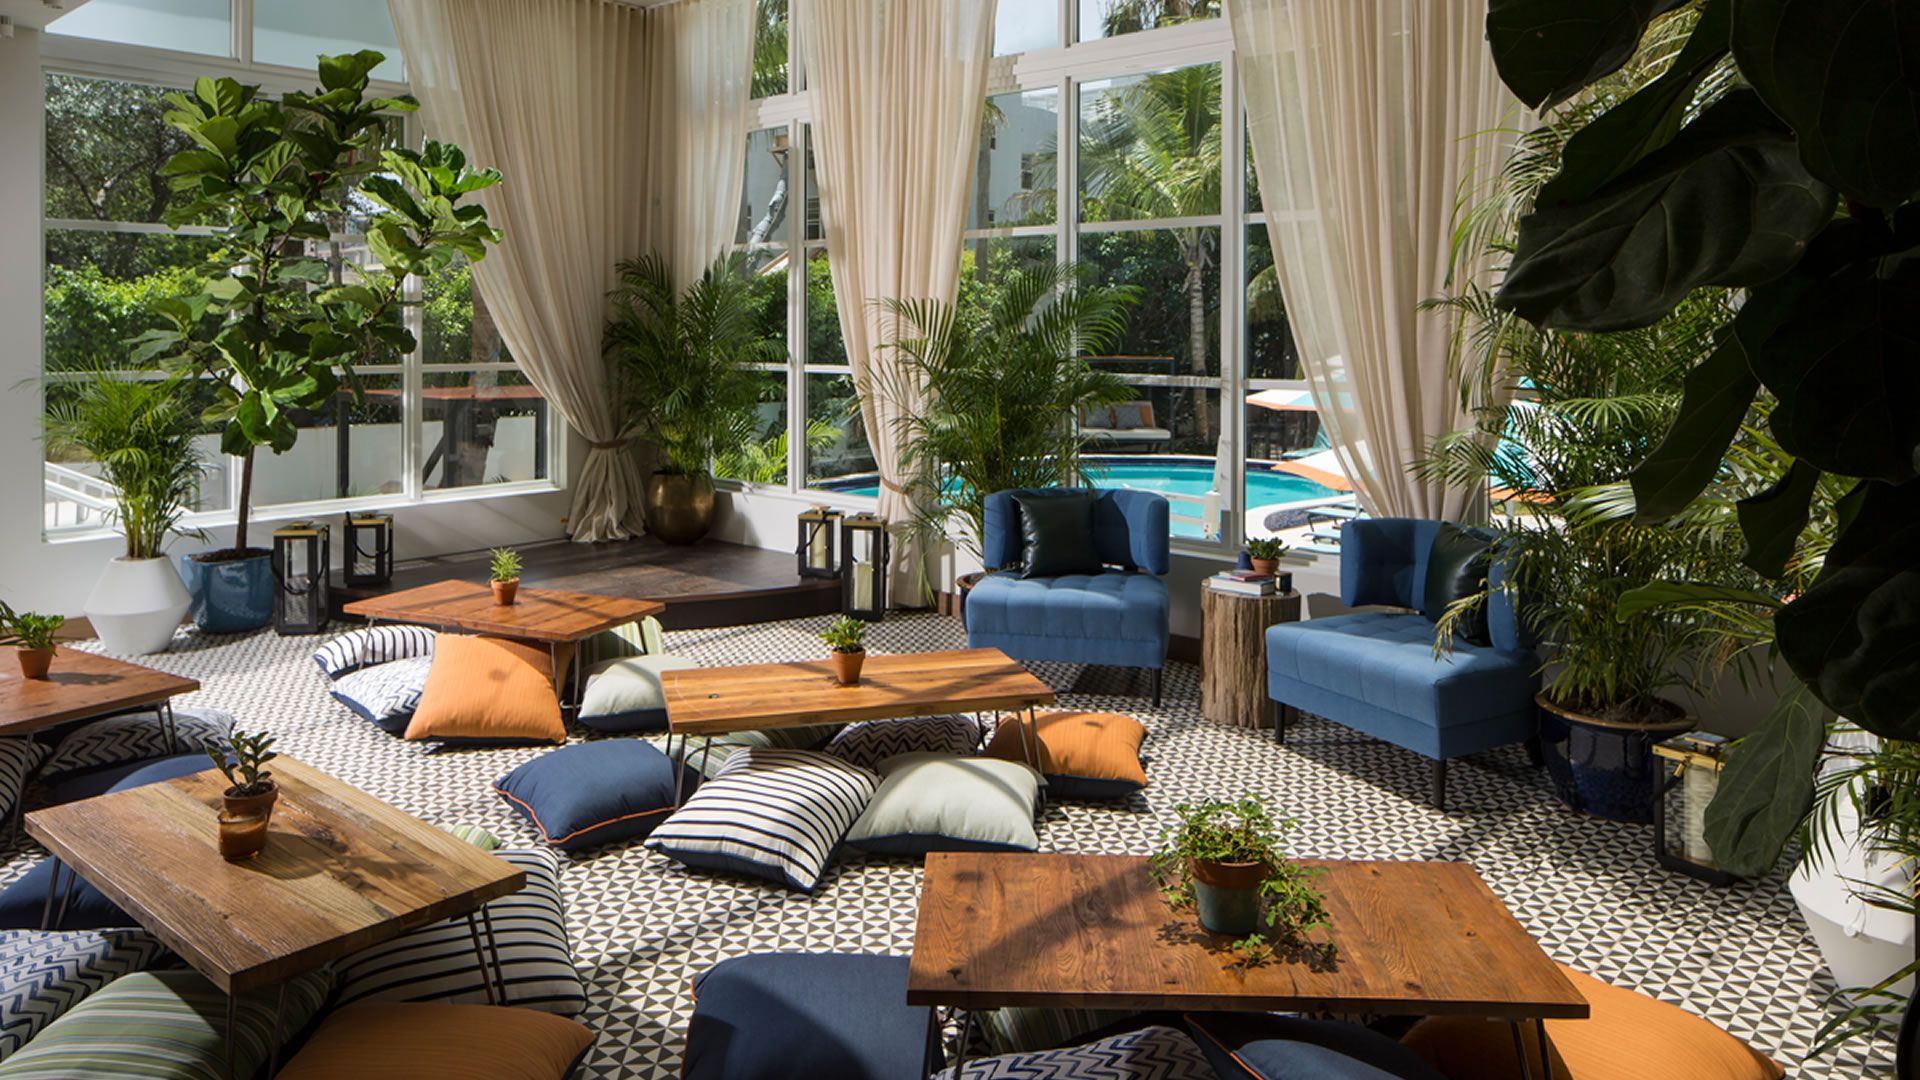 Una famosa cadena de hostels de diseño en Europa llegó a Miami